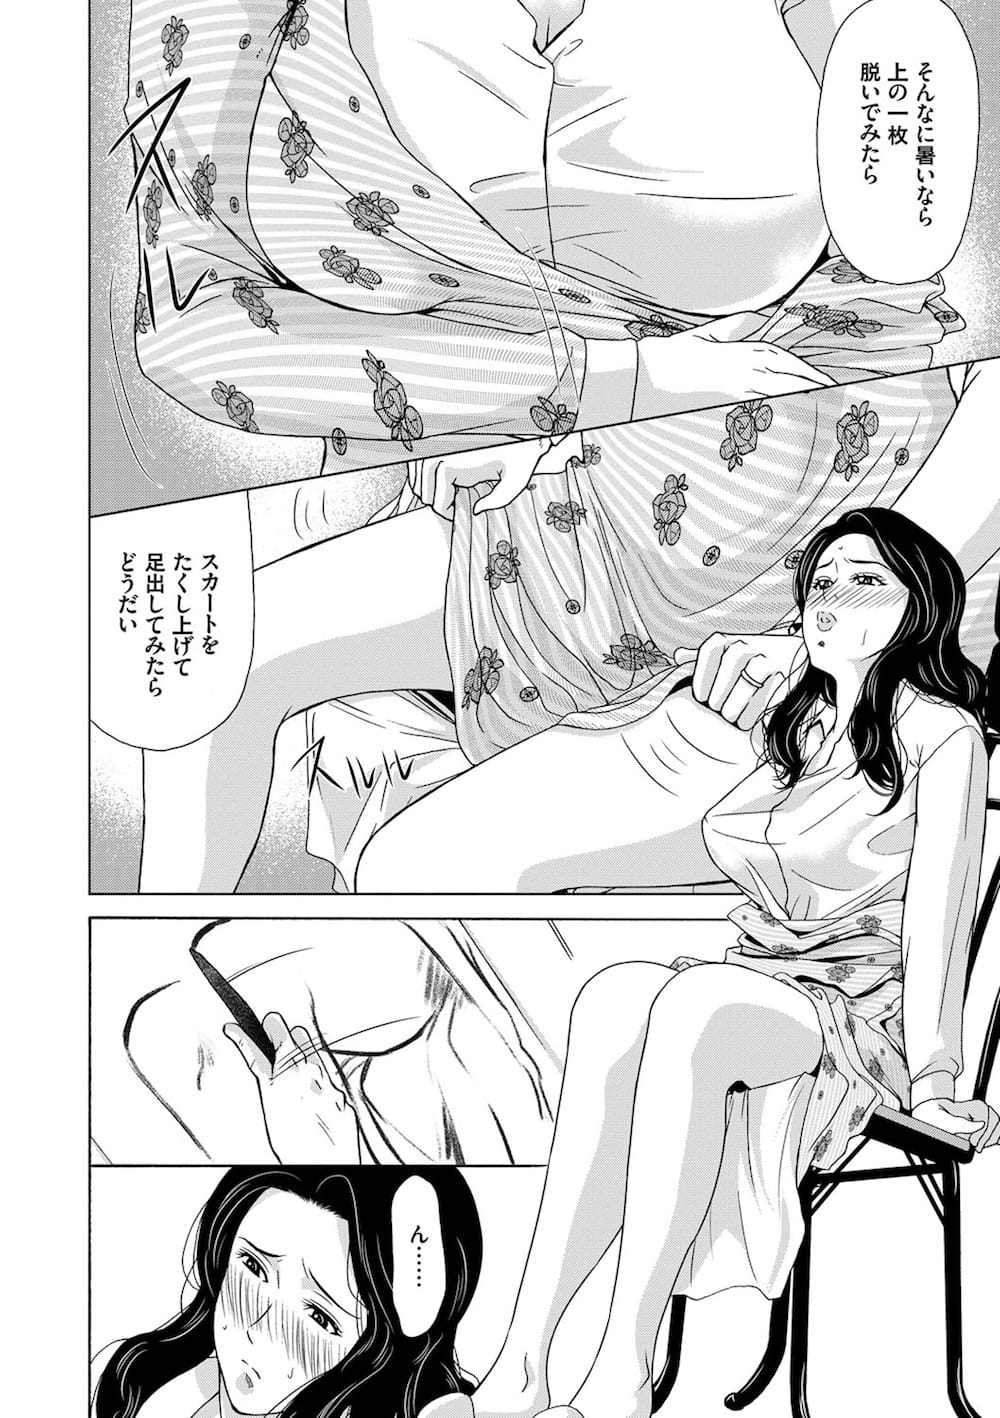 【長編エロ漫画・第5話】デッサンモデルを引き受けた熟女人妻!先生に見つめられた高揚し欲情する!帰って発情し旦那のちんぽにしゃぶりつく!罪悪感SEXでアクメ!【横山ミチル】